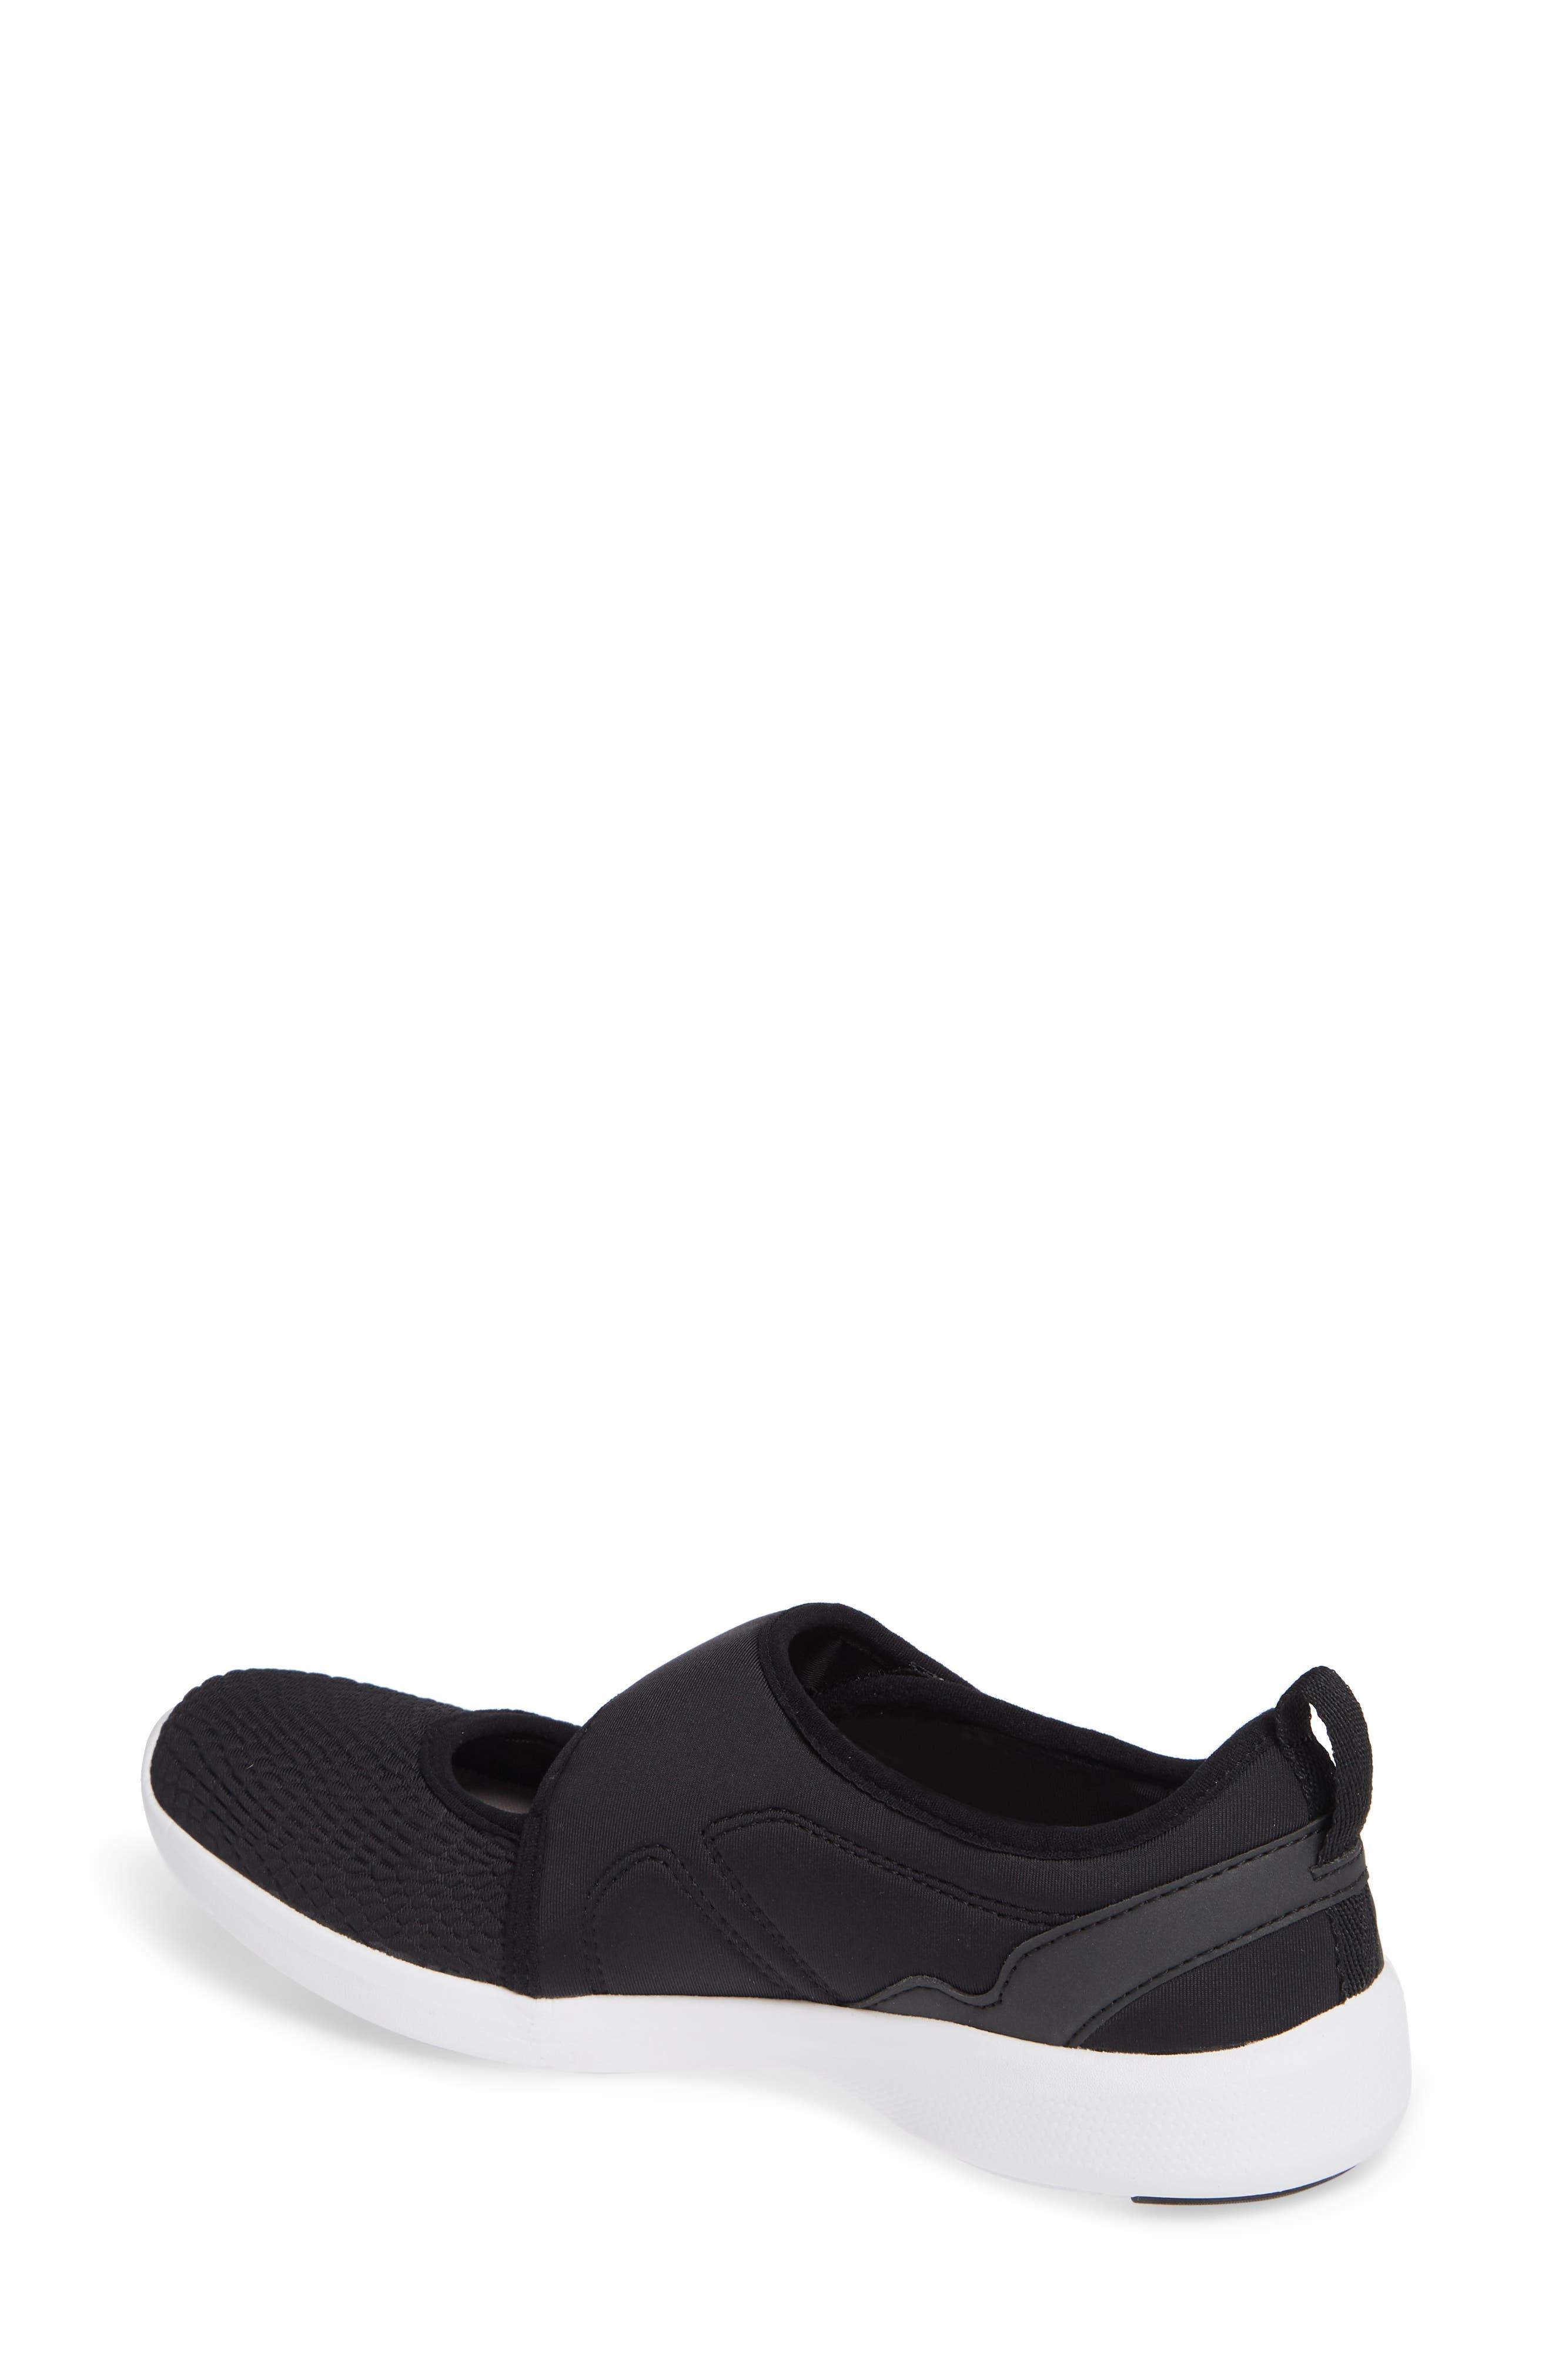 Sonnet Sneaker,                             Alternate thumbnail 2, color,                             BLACK FABRIC